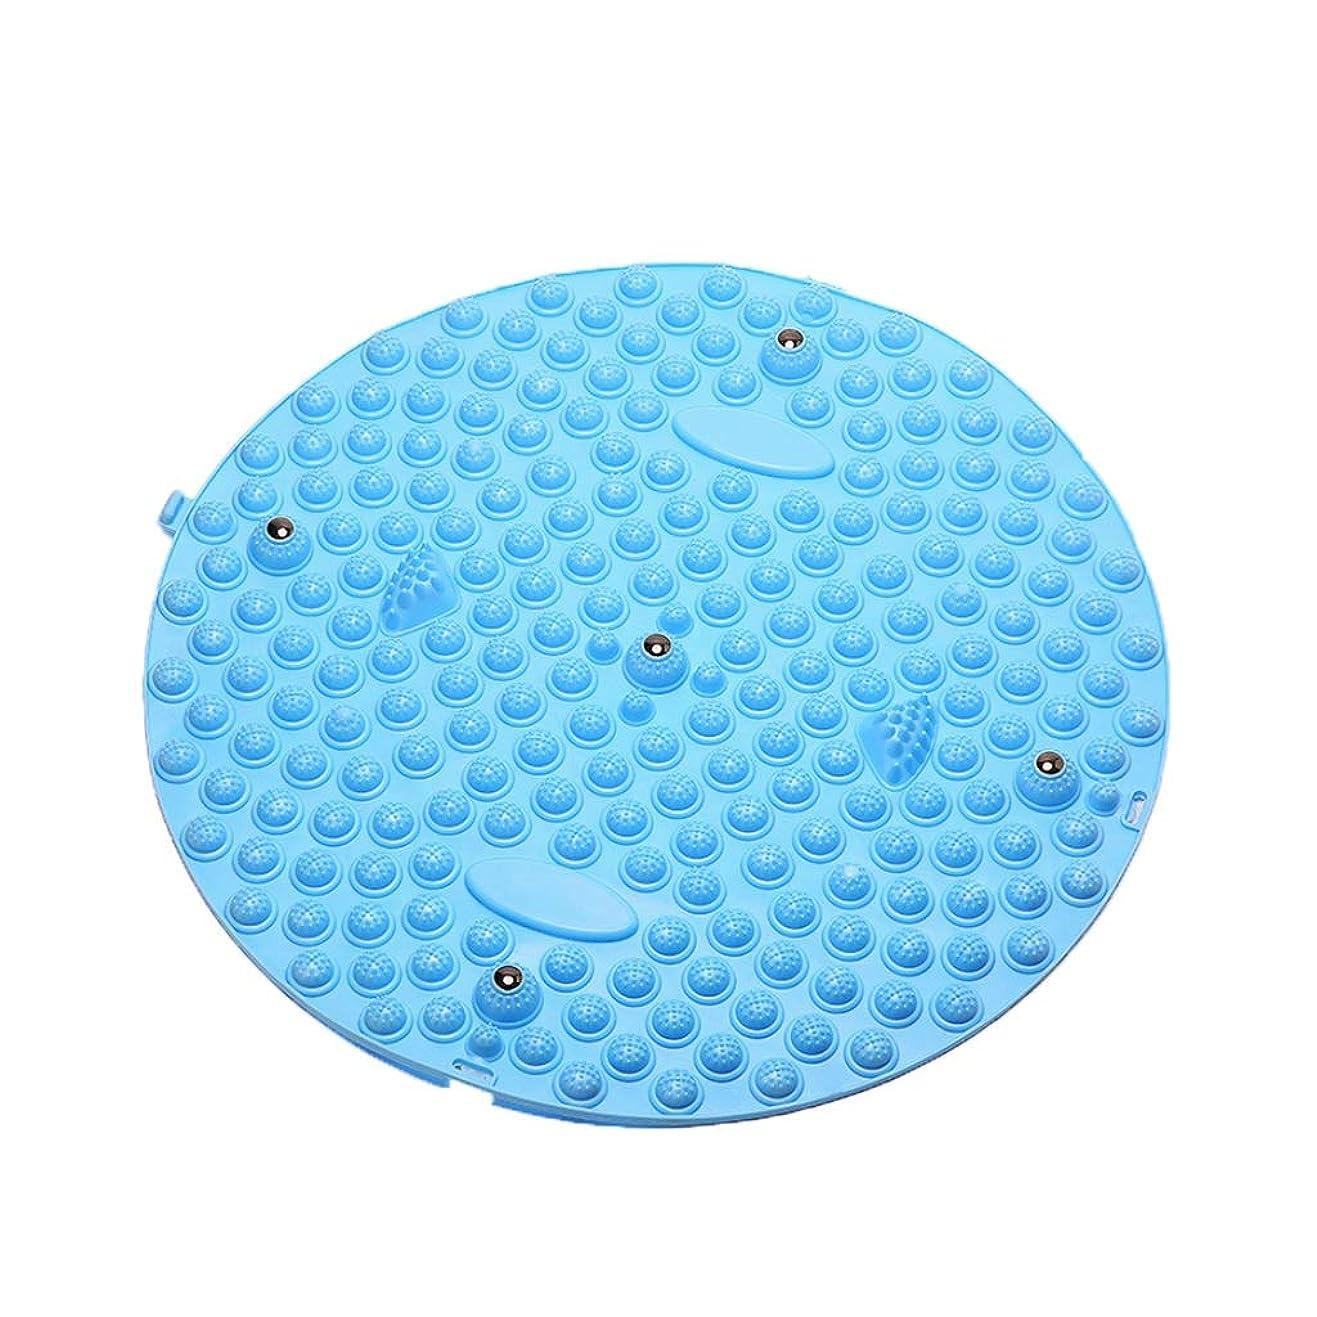 豆伝導重要ZHWNGXO フットマッサージクッションドアマット磁気ストーンデザイン丸型強い支持力該当するもの屋外フィットネスヨガ (Color : Blue)